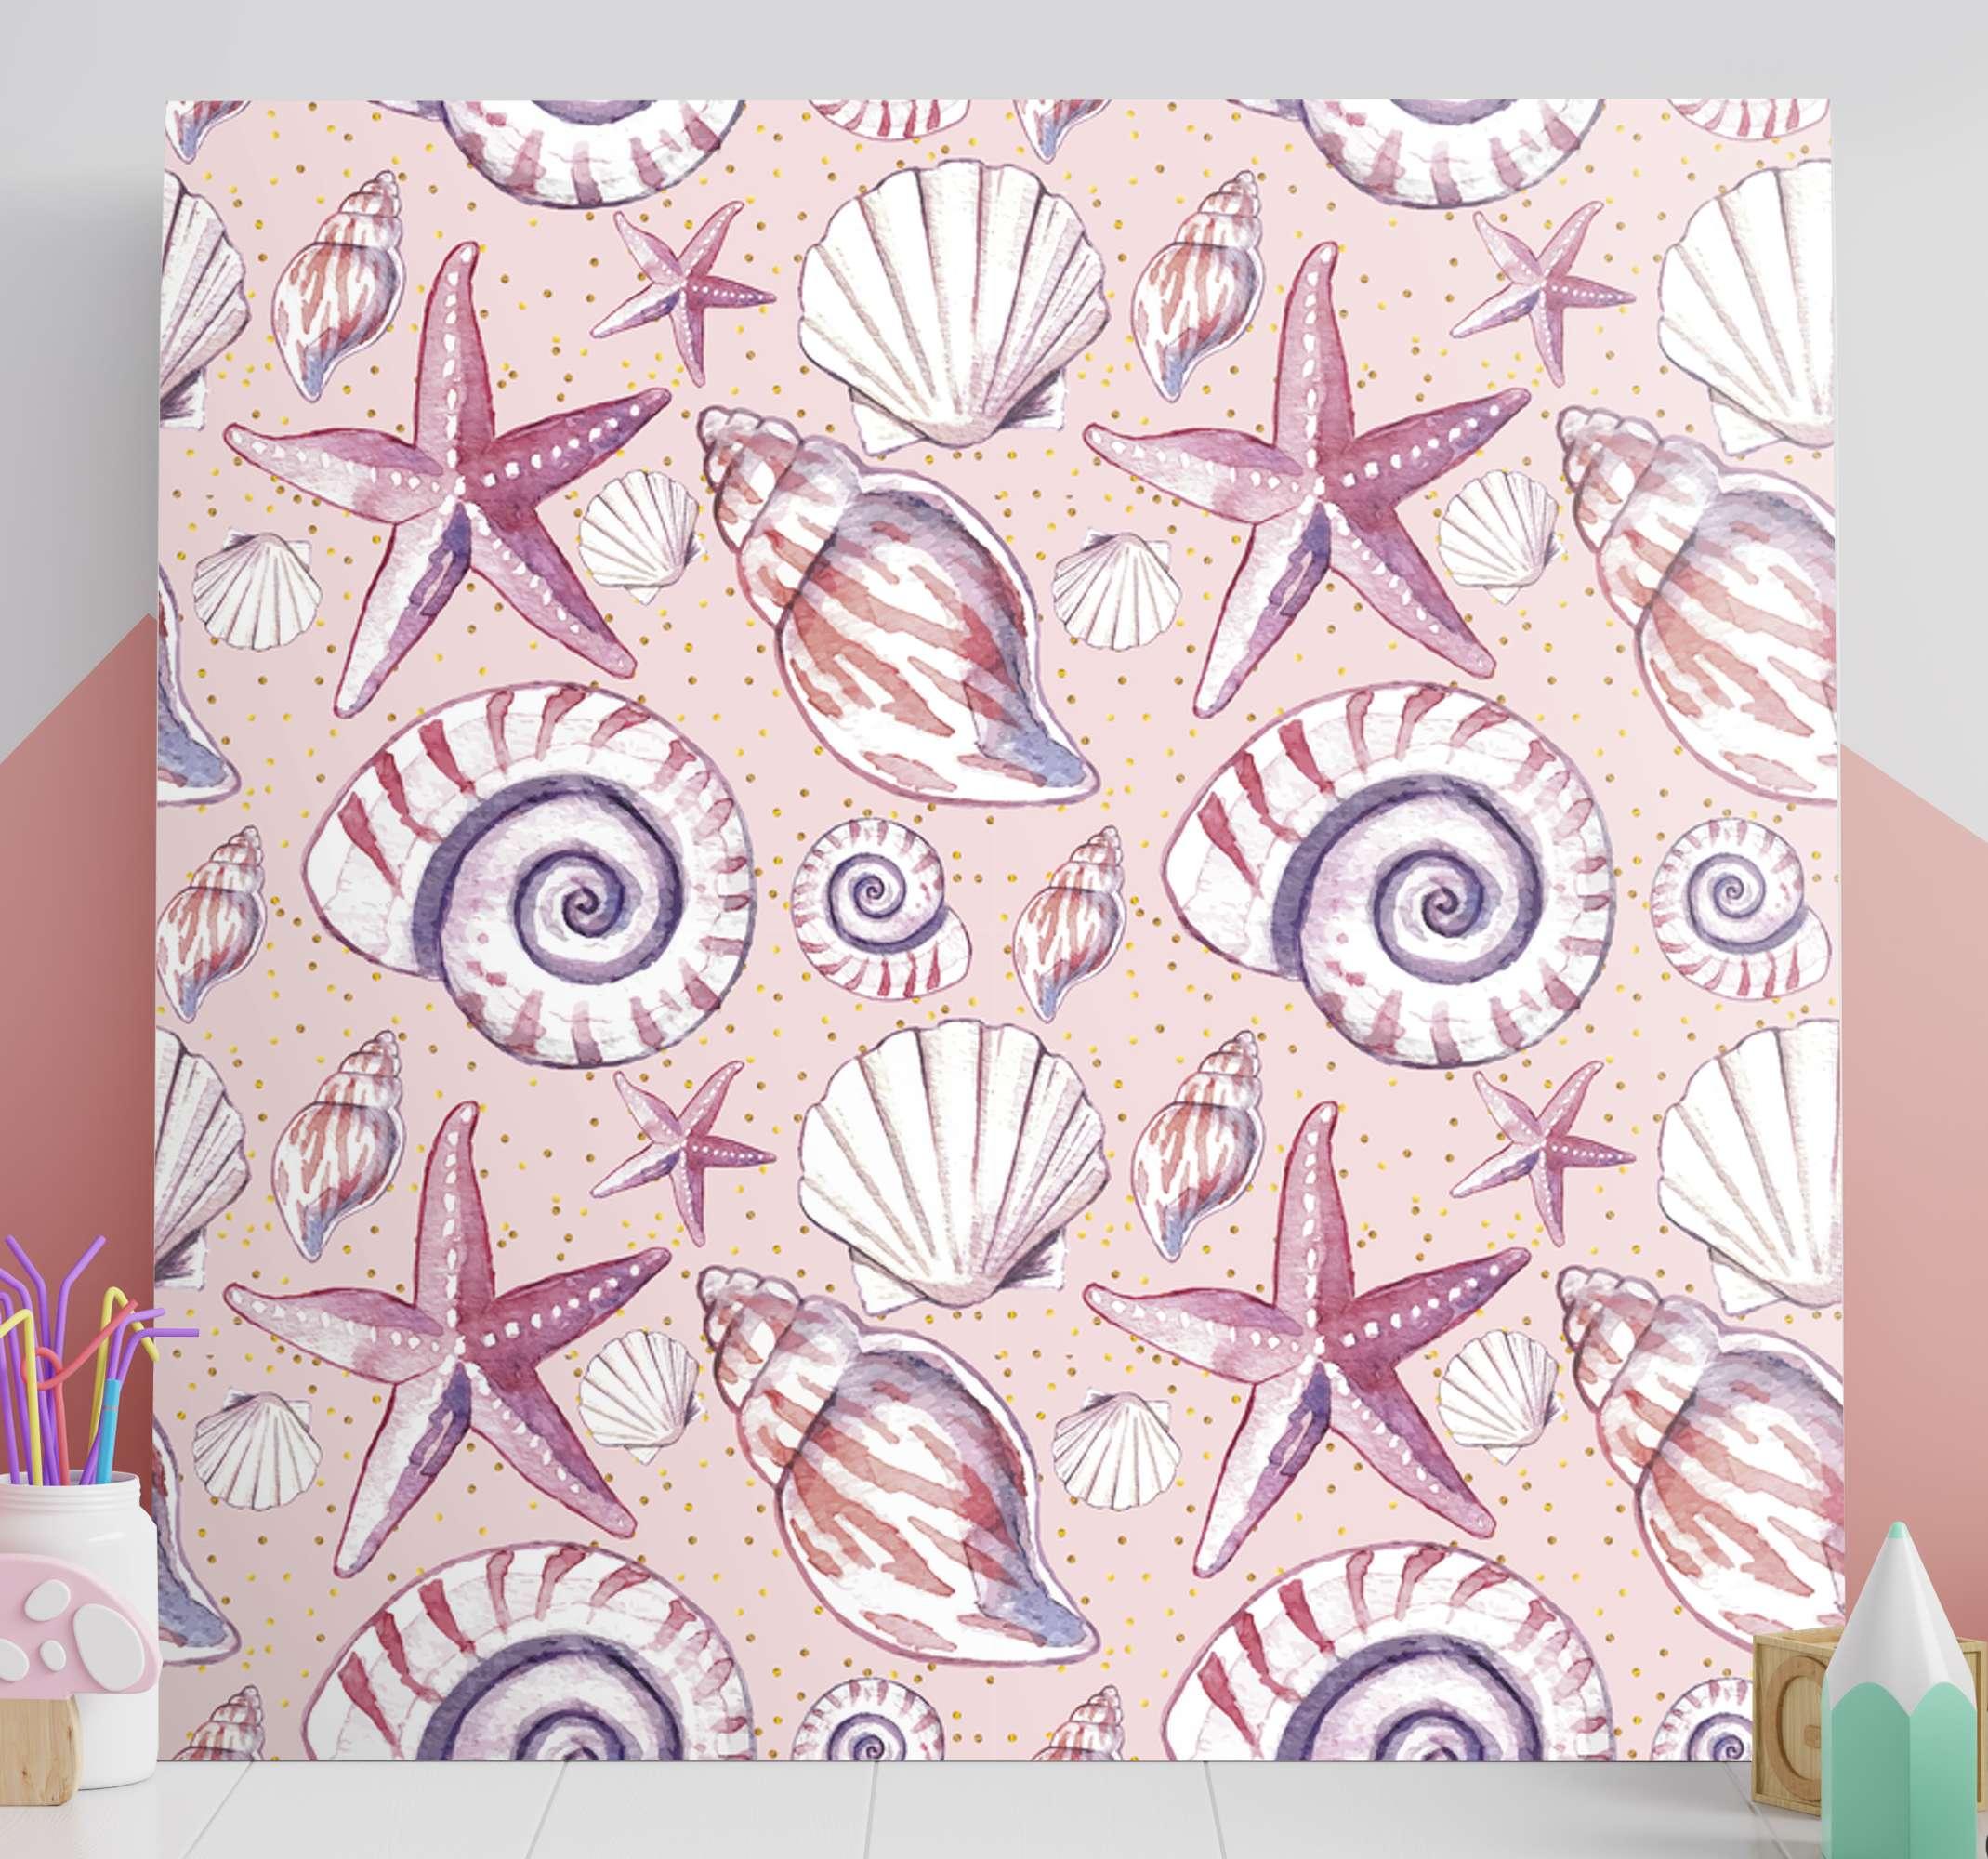 TenStickers. 바다 생활 바다 생활 캔버스 벽 예술. 바다 생활 바다 생활 캔버스 인쇄-매우 사랑스럽고 진정으로 공간의 모습을 향상시킵니다. 달팽이, 굴, 불가사리 등의 디자인이 포함되어 있습니다.